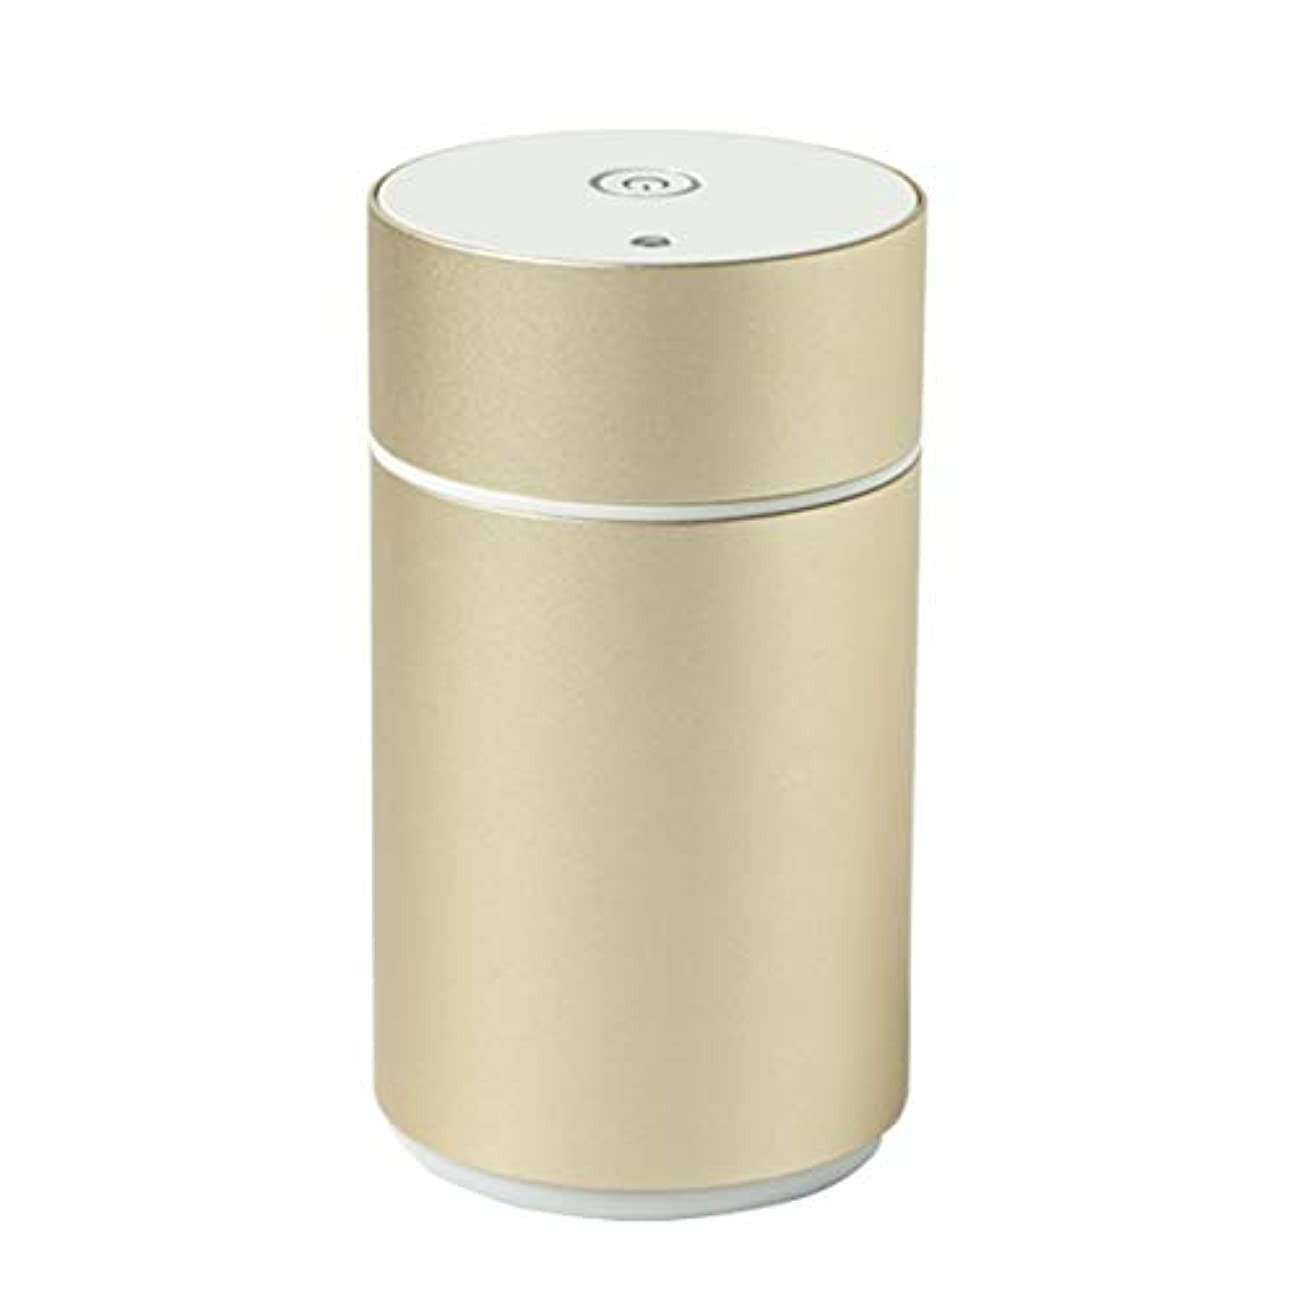 つぼみ部分的成功する生活の木 アロモア ミニ ゴールド (aromore mini gold) (エッセンシャルオイルディフューザー) (圧縮微粒子式アロマディフューザー)